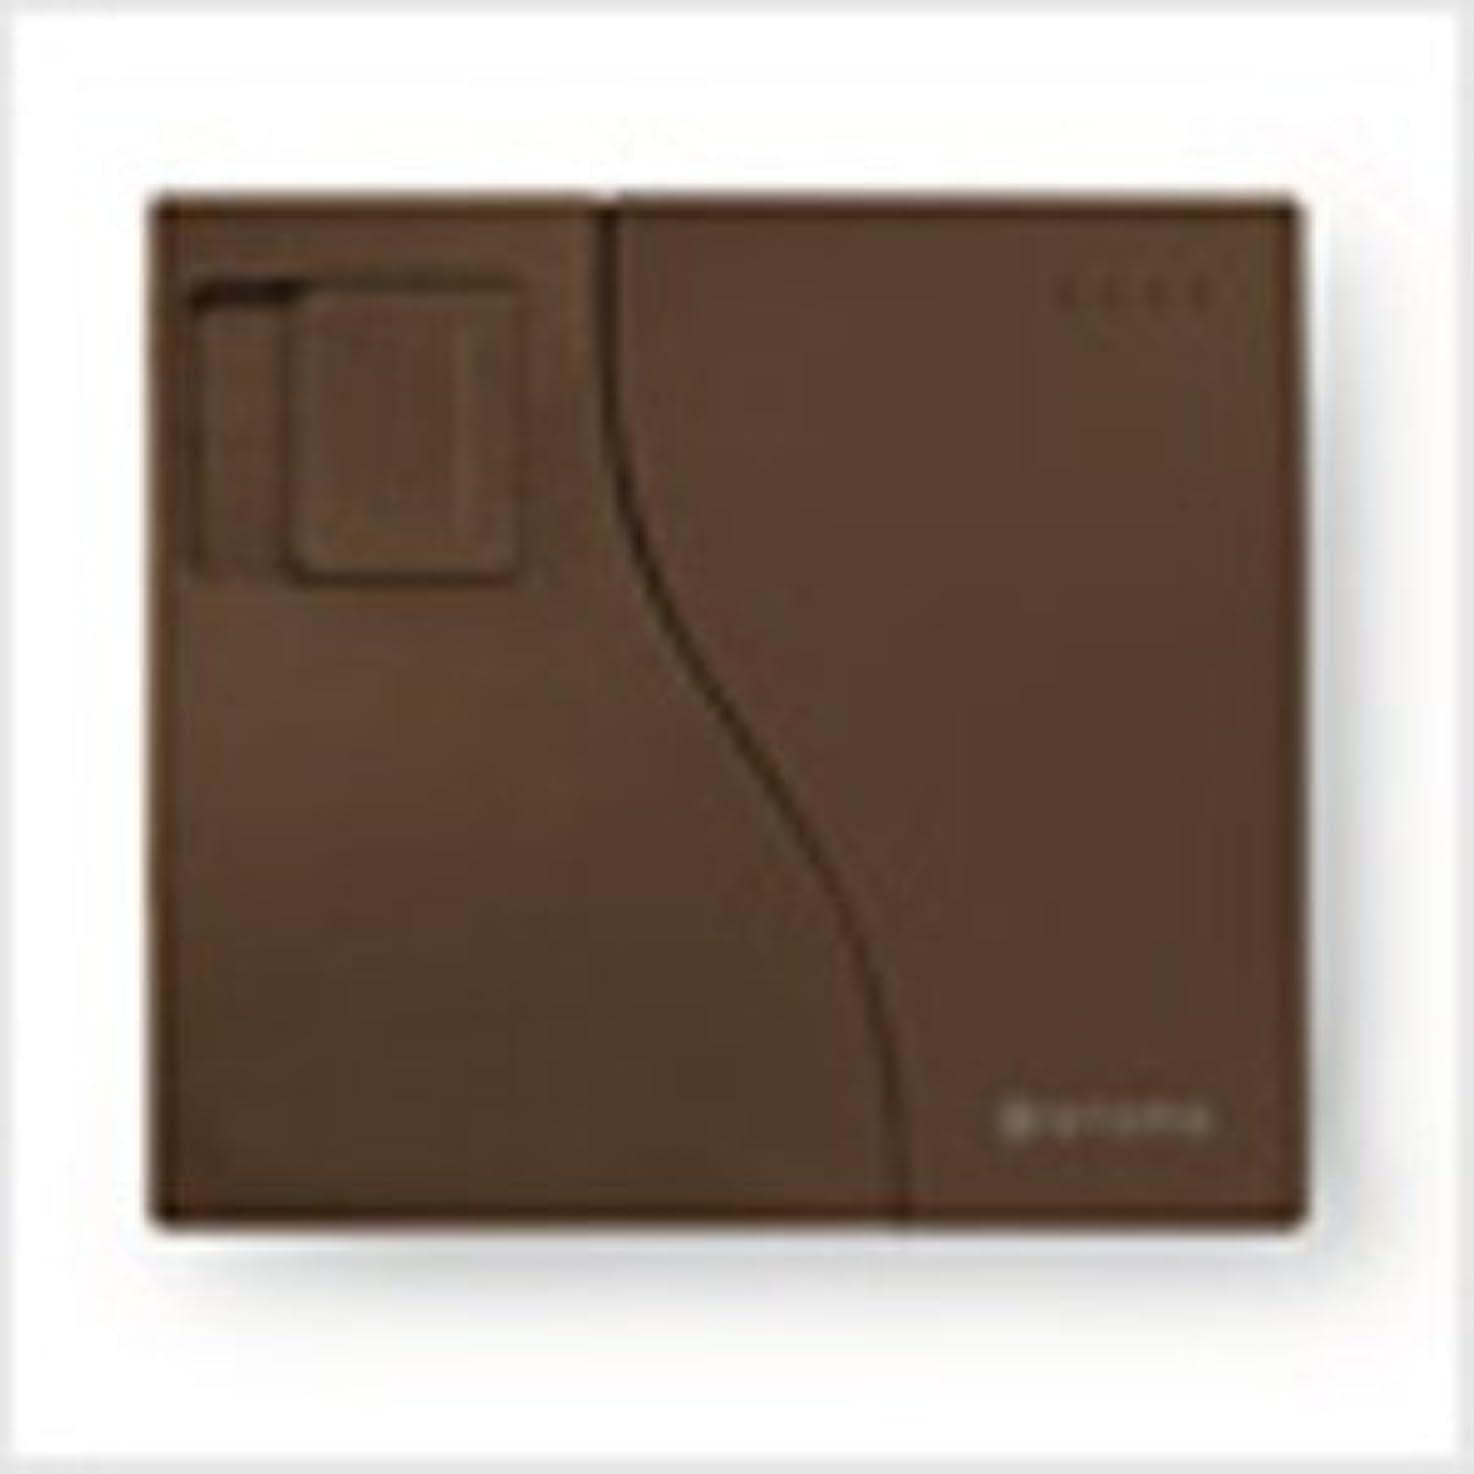 買う変化ラビリンスアロマディフューザー piezo diffuser squair(スクエアー)ブラウン【代引不可】